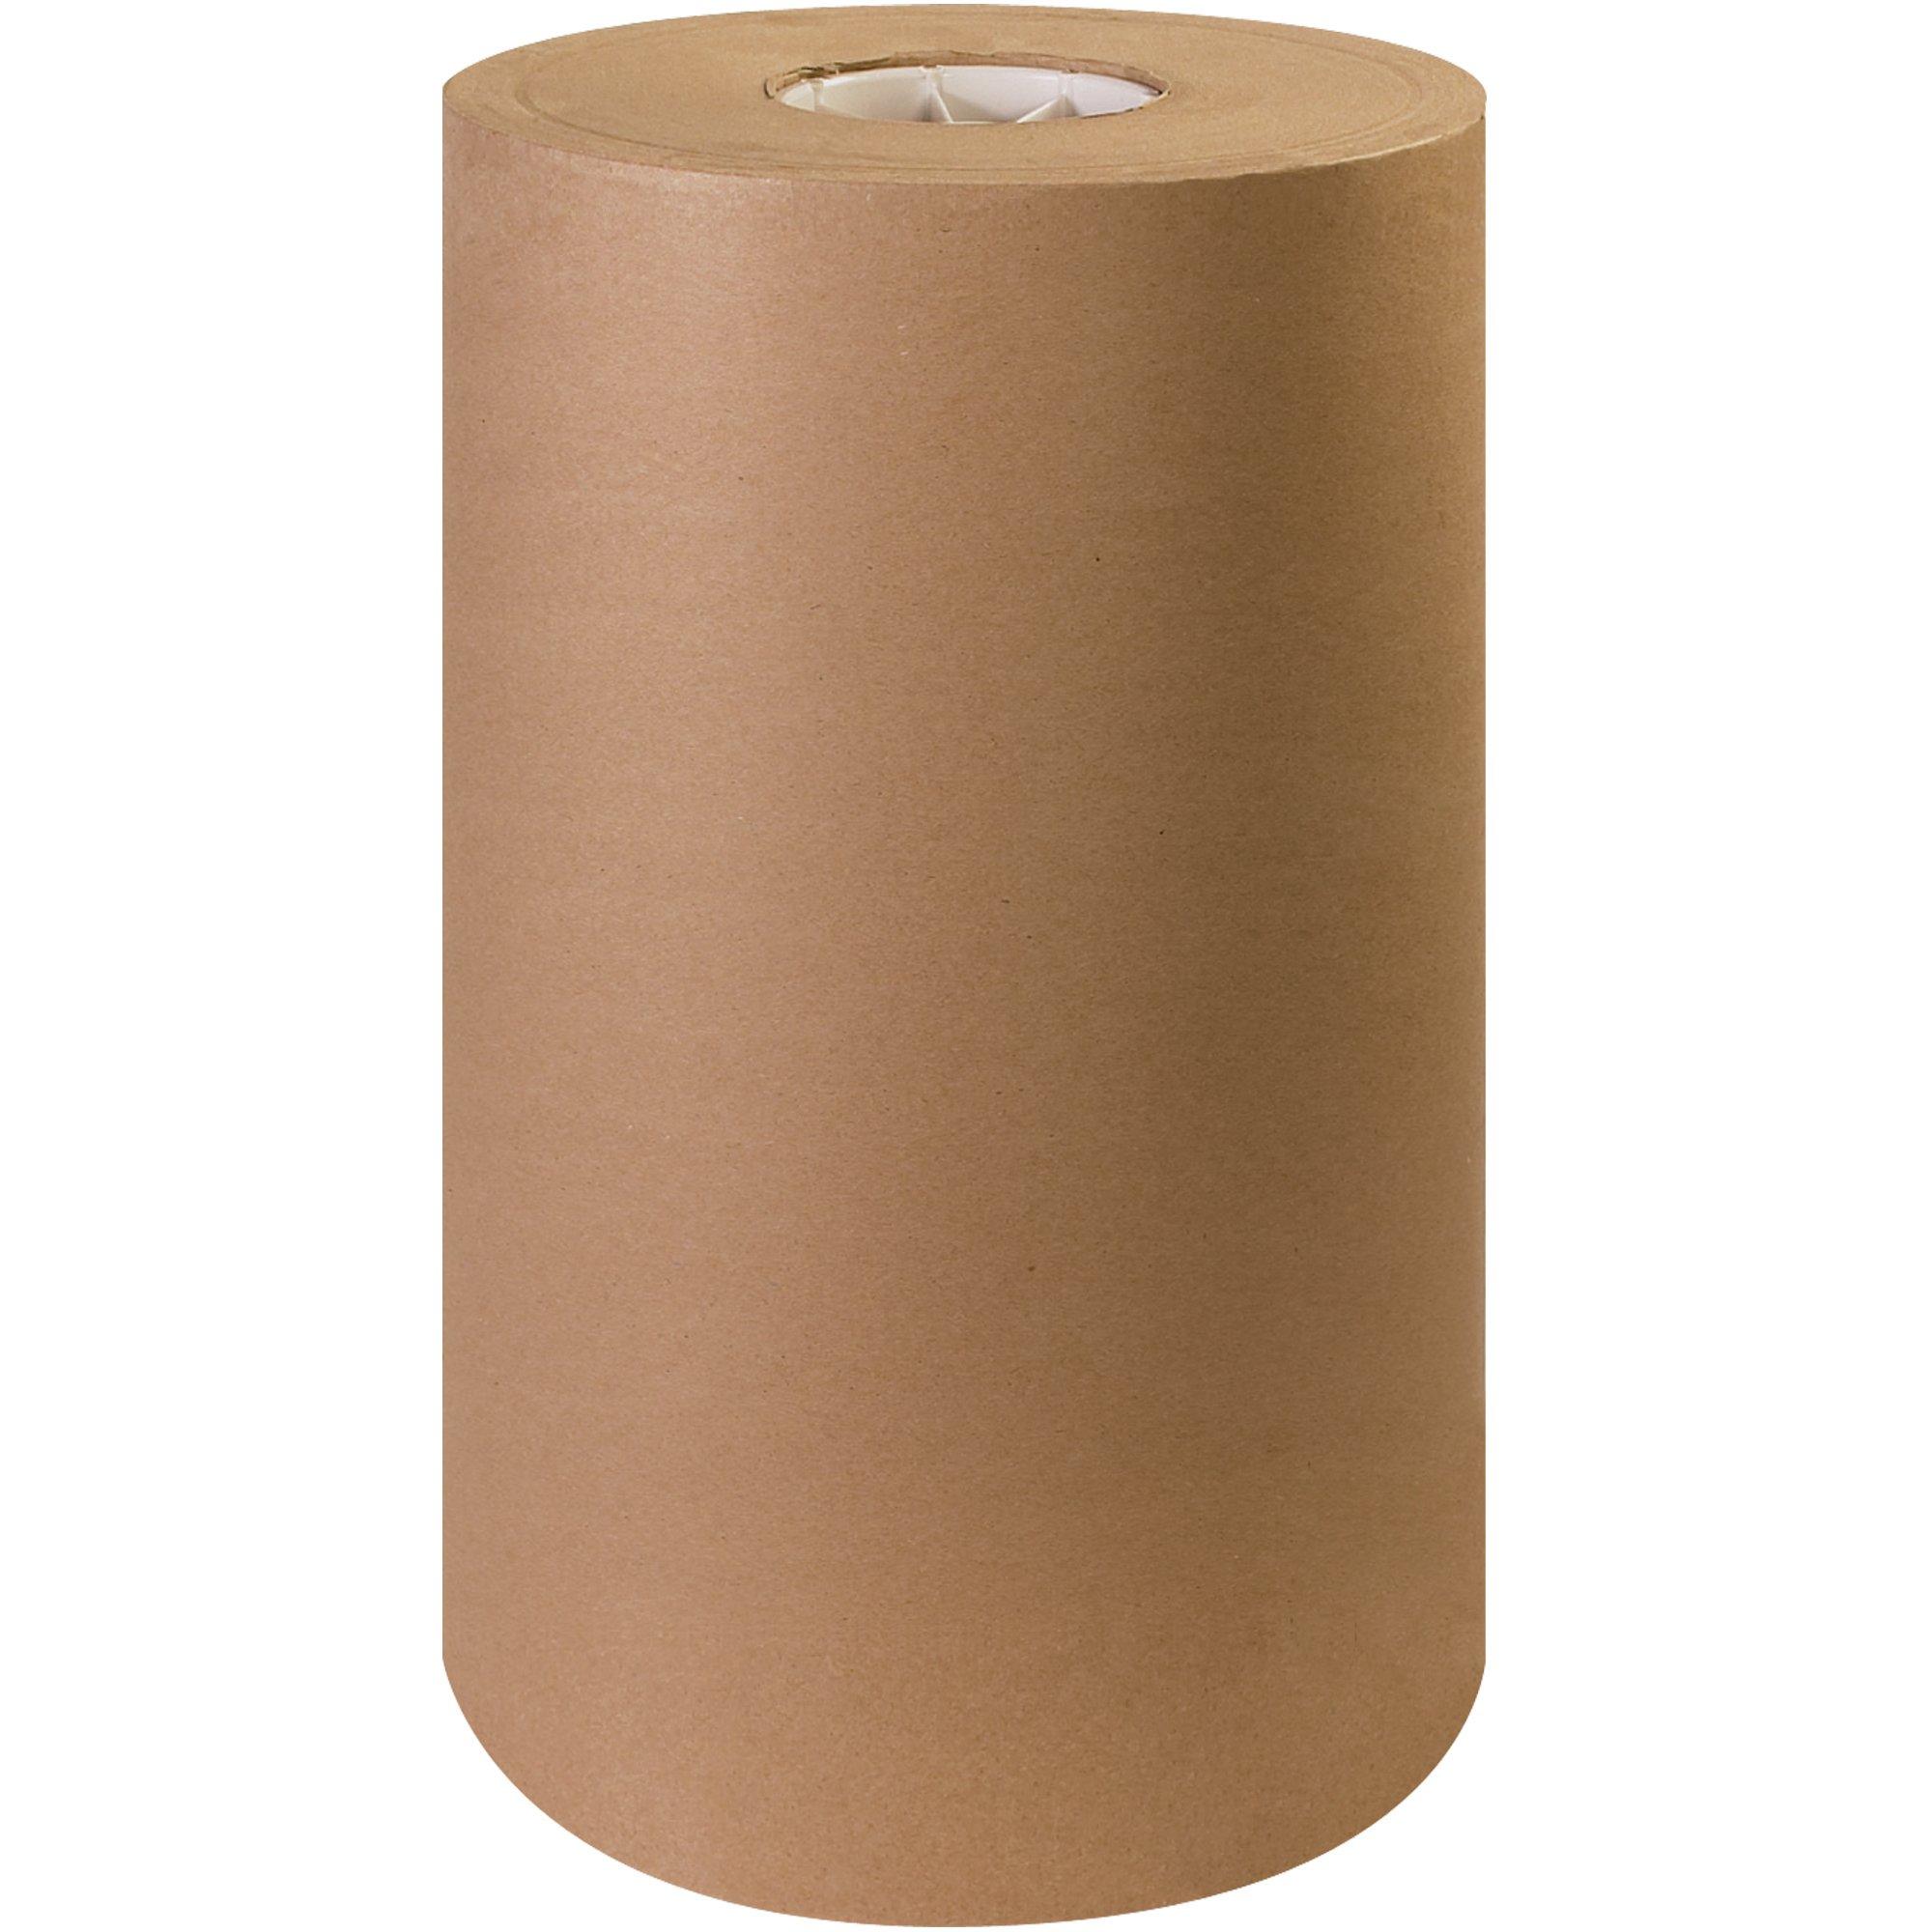 Aviditi 100% Recycled Fiber Paper Roll, 1200' L x 15'' W, Kraft (KP1530) by Aviditi